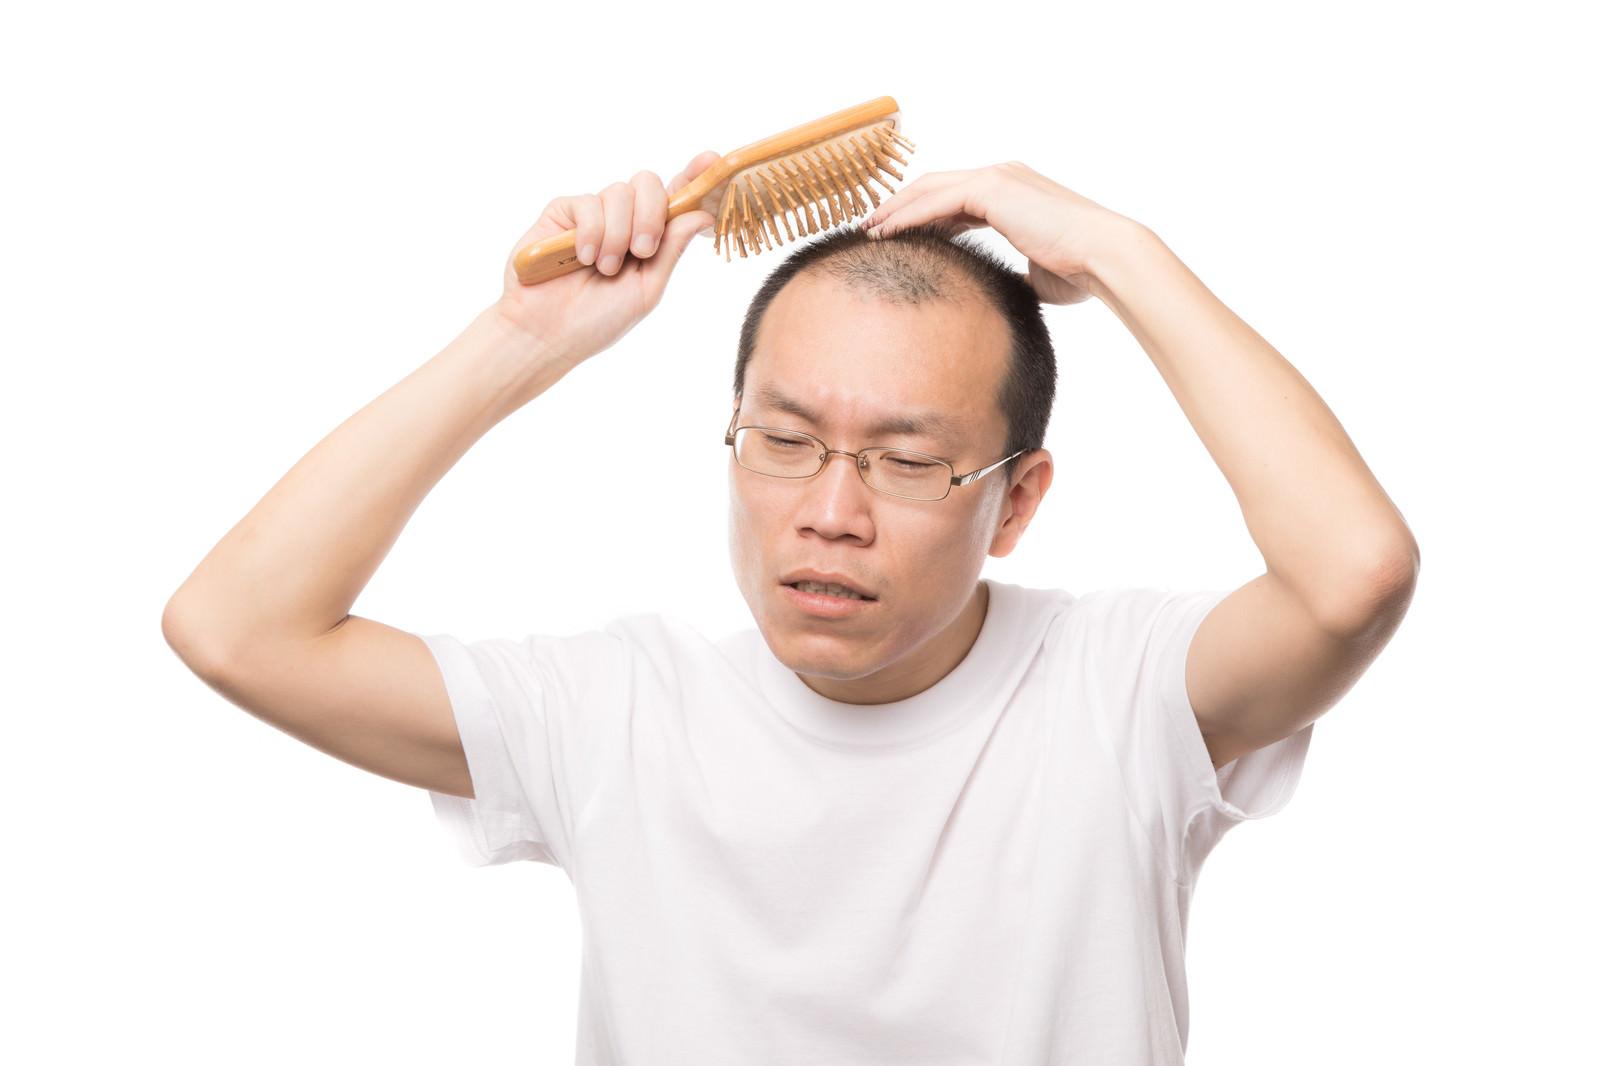 「育毛ブラシで頭部の血行を促進する薄毛男性」の写真[モデル:サンライズ鈴木]